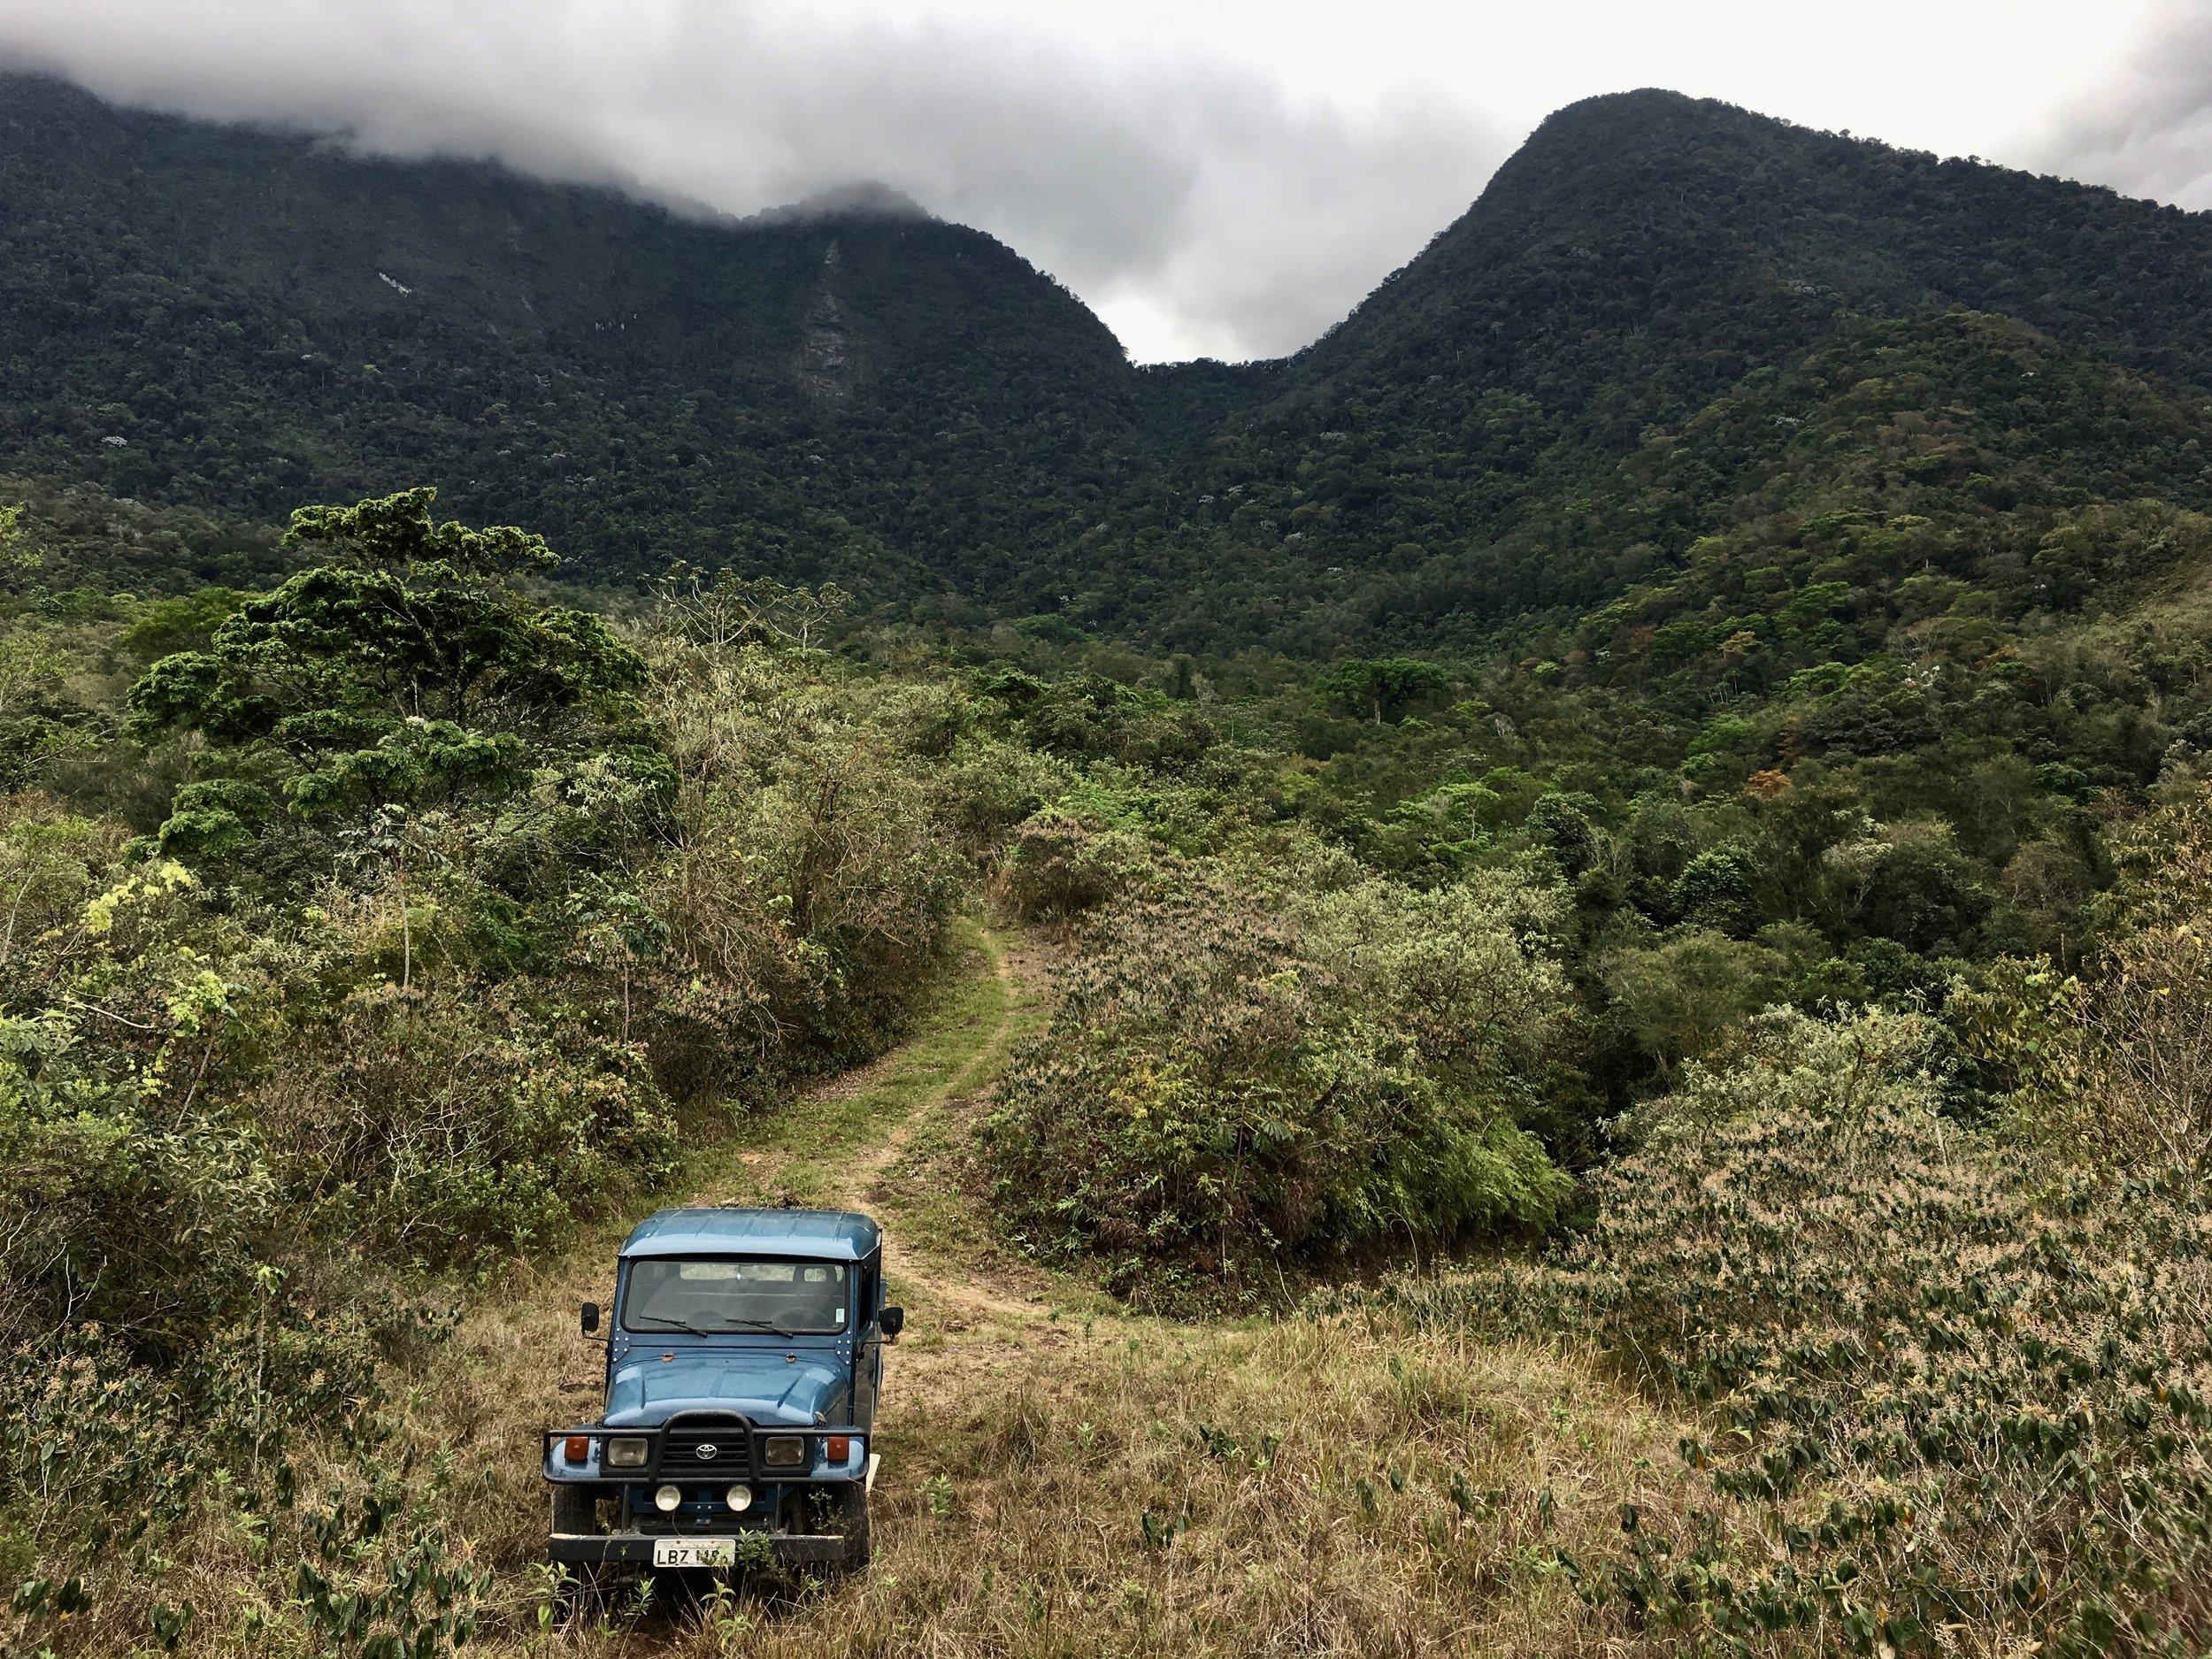 Reserva Ecológica de Guapiaçu (REGUA) in the Mata Atlântica in Brazil. Photo by Scott Stone